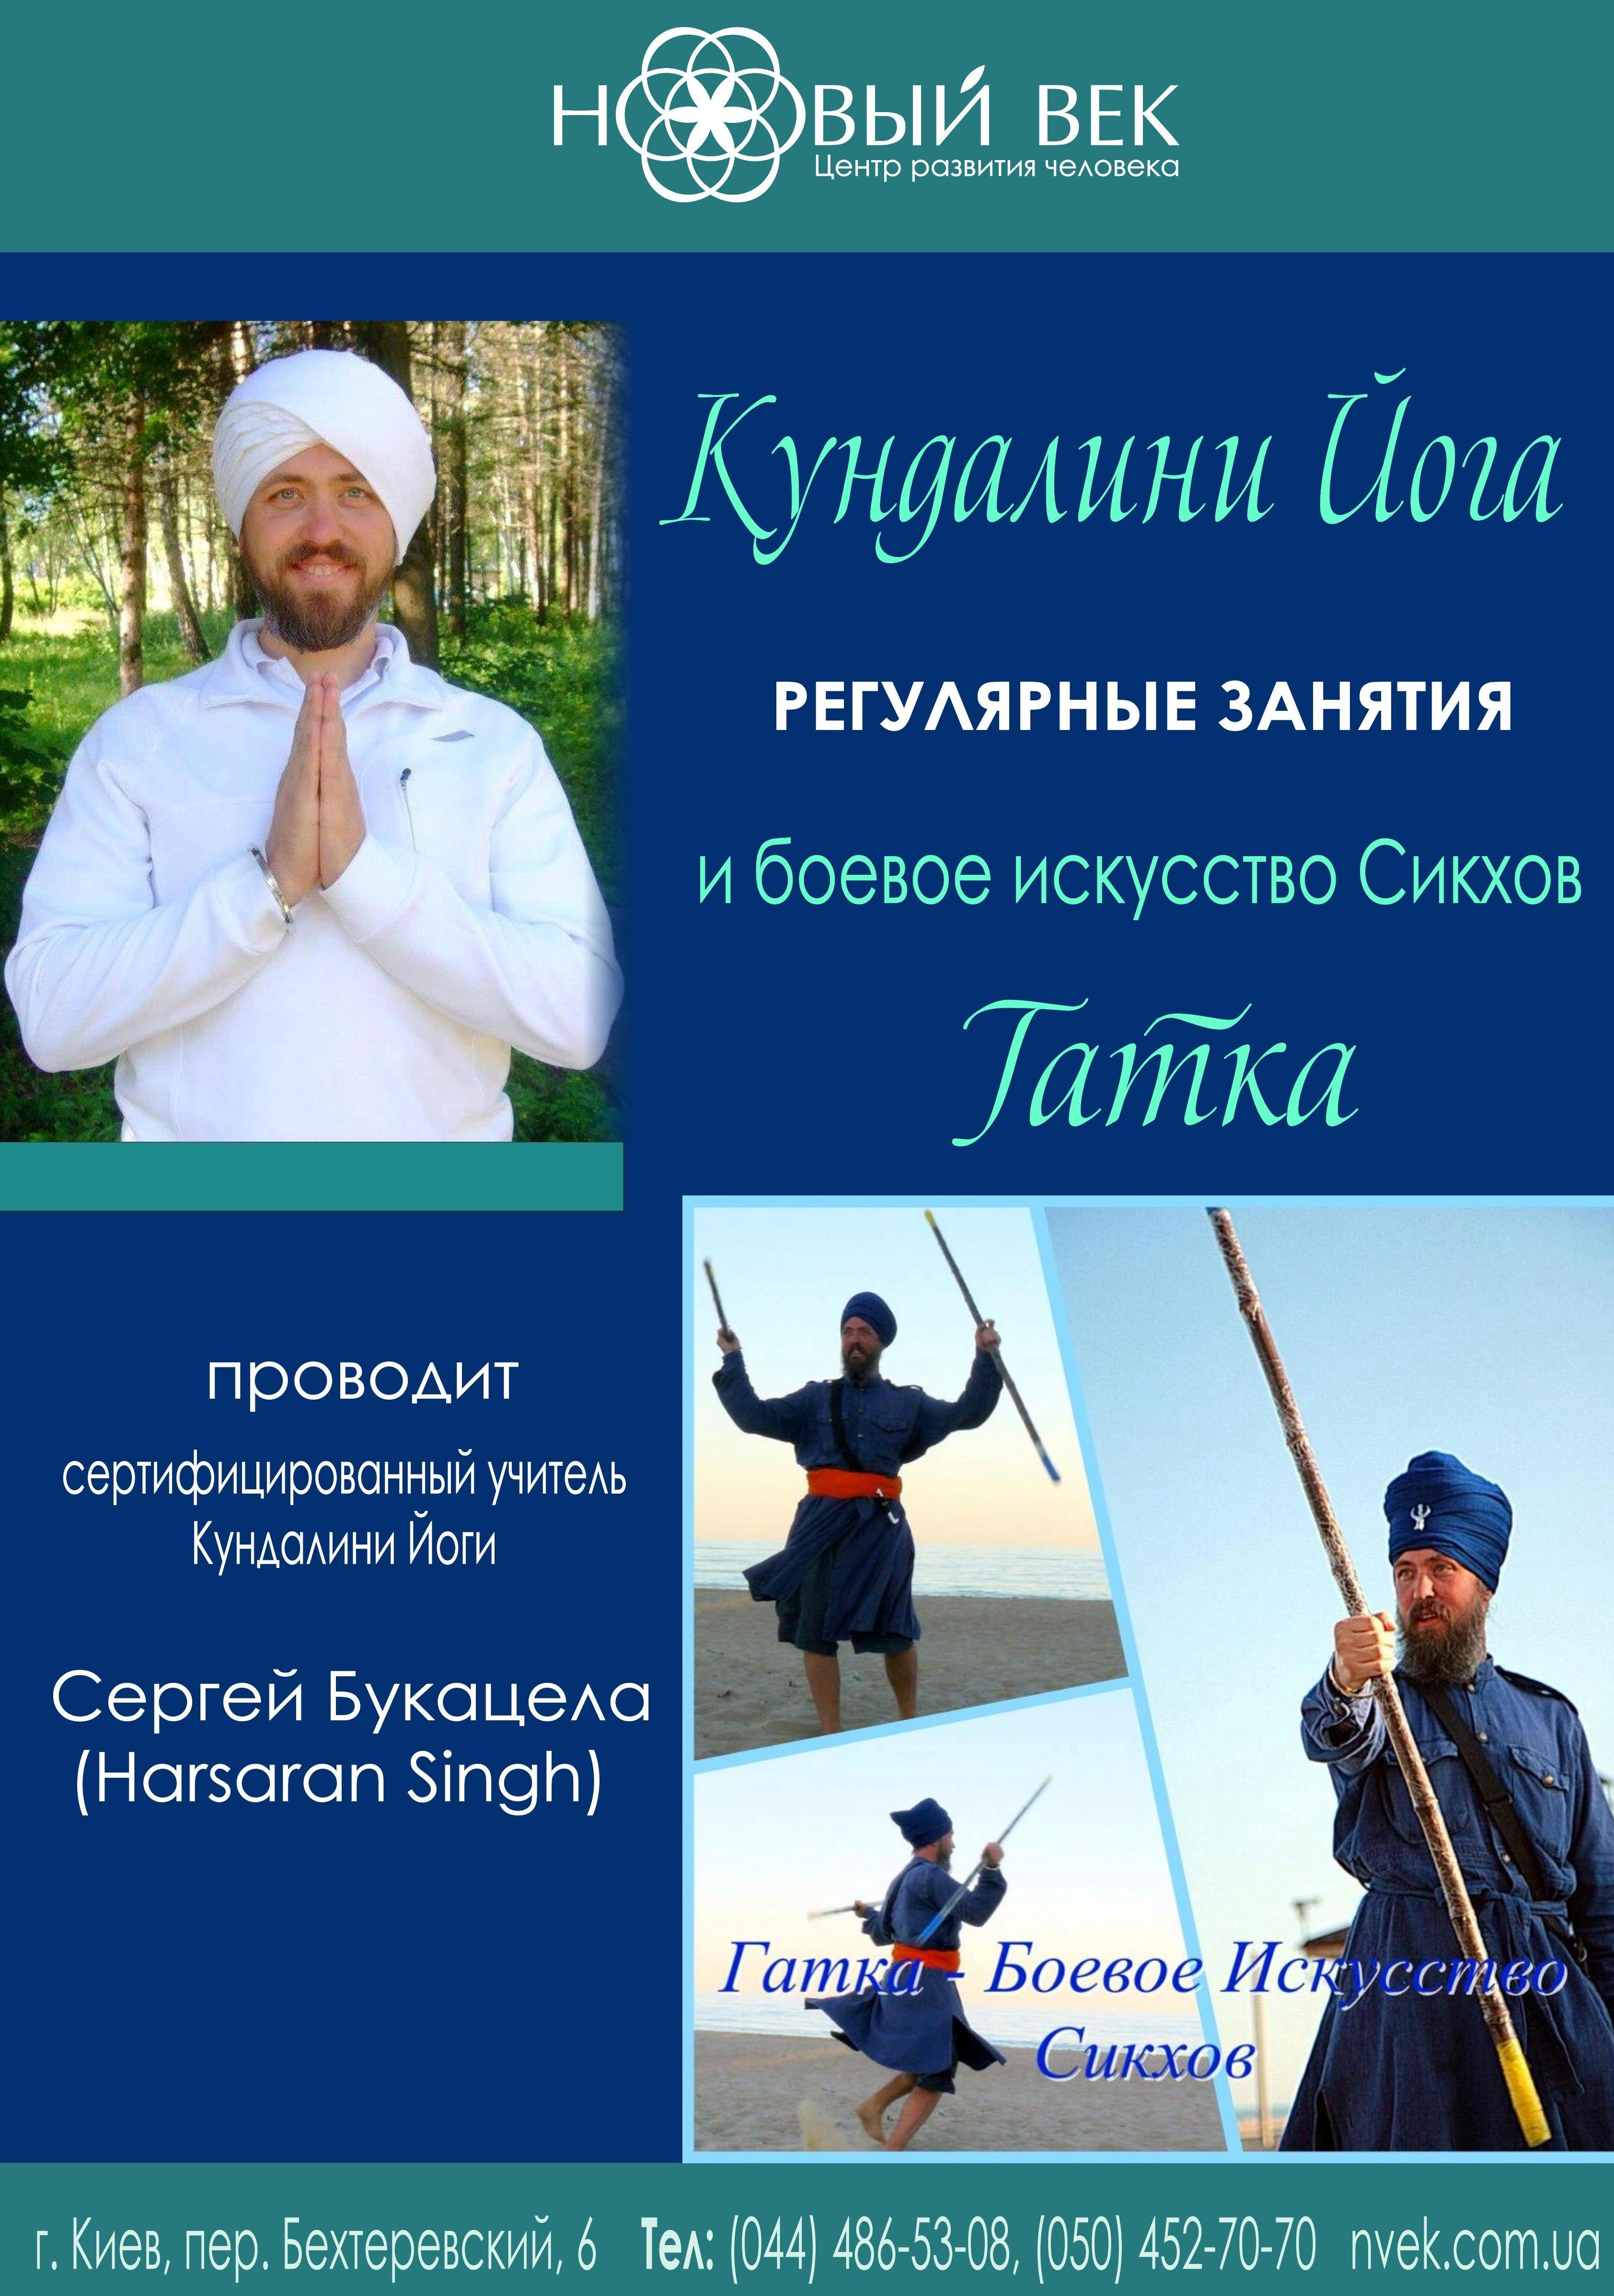 Кундалини Йога в Киеве и боевое искусство Гатка